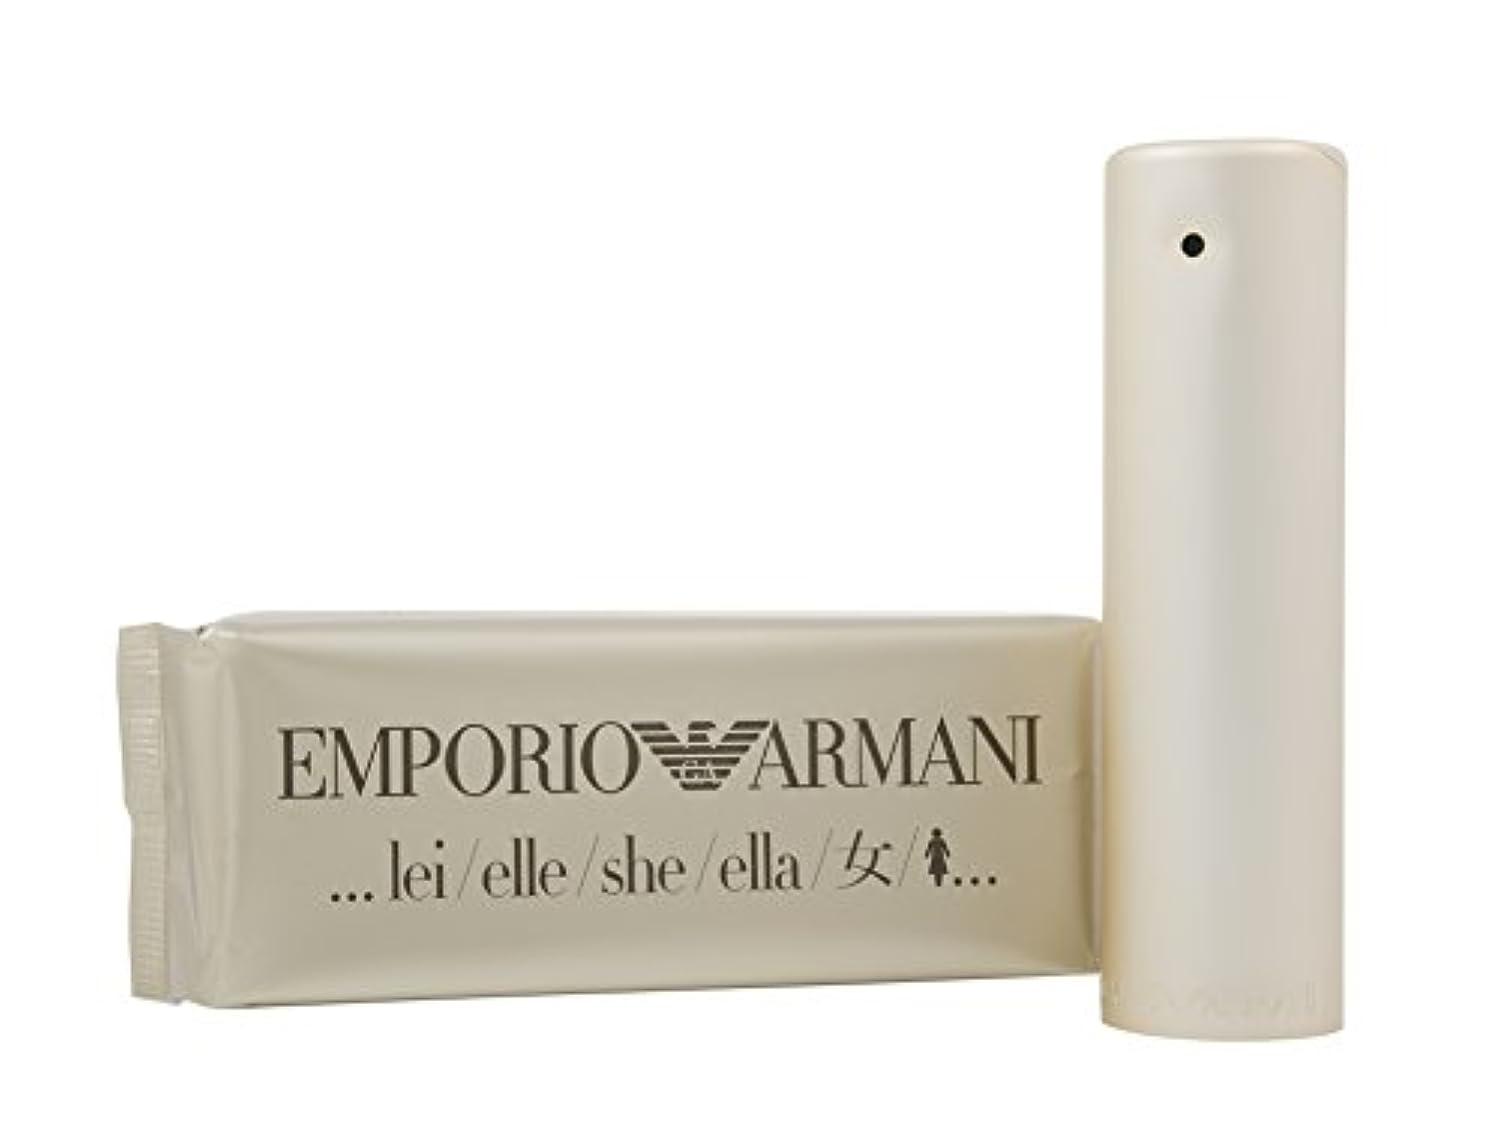 読みやすい仮説助けになるエンポリオアルマーニ EMPORIO ARMANI エンポリオシー 100ml EDP SP オードパルファムスプレー(エンポリオハー、エンポリオウーマン)